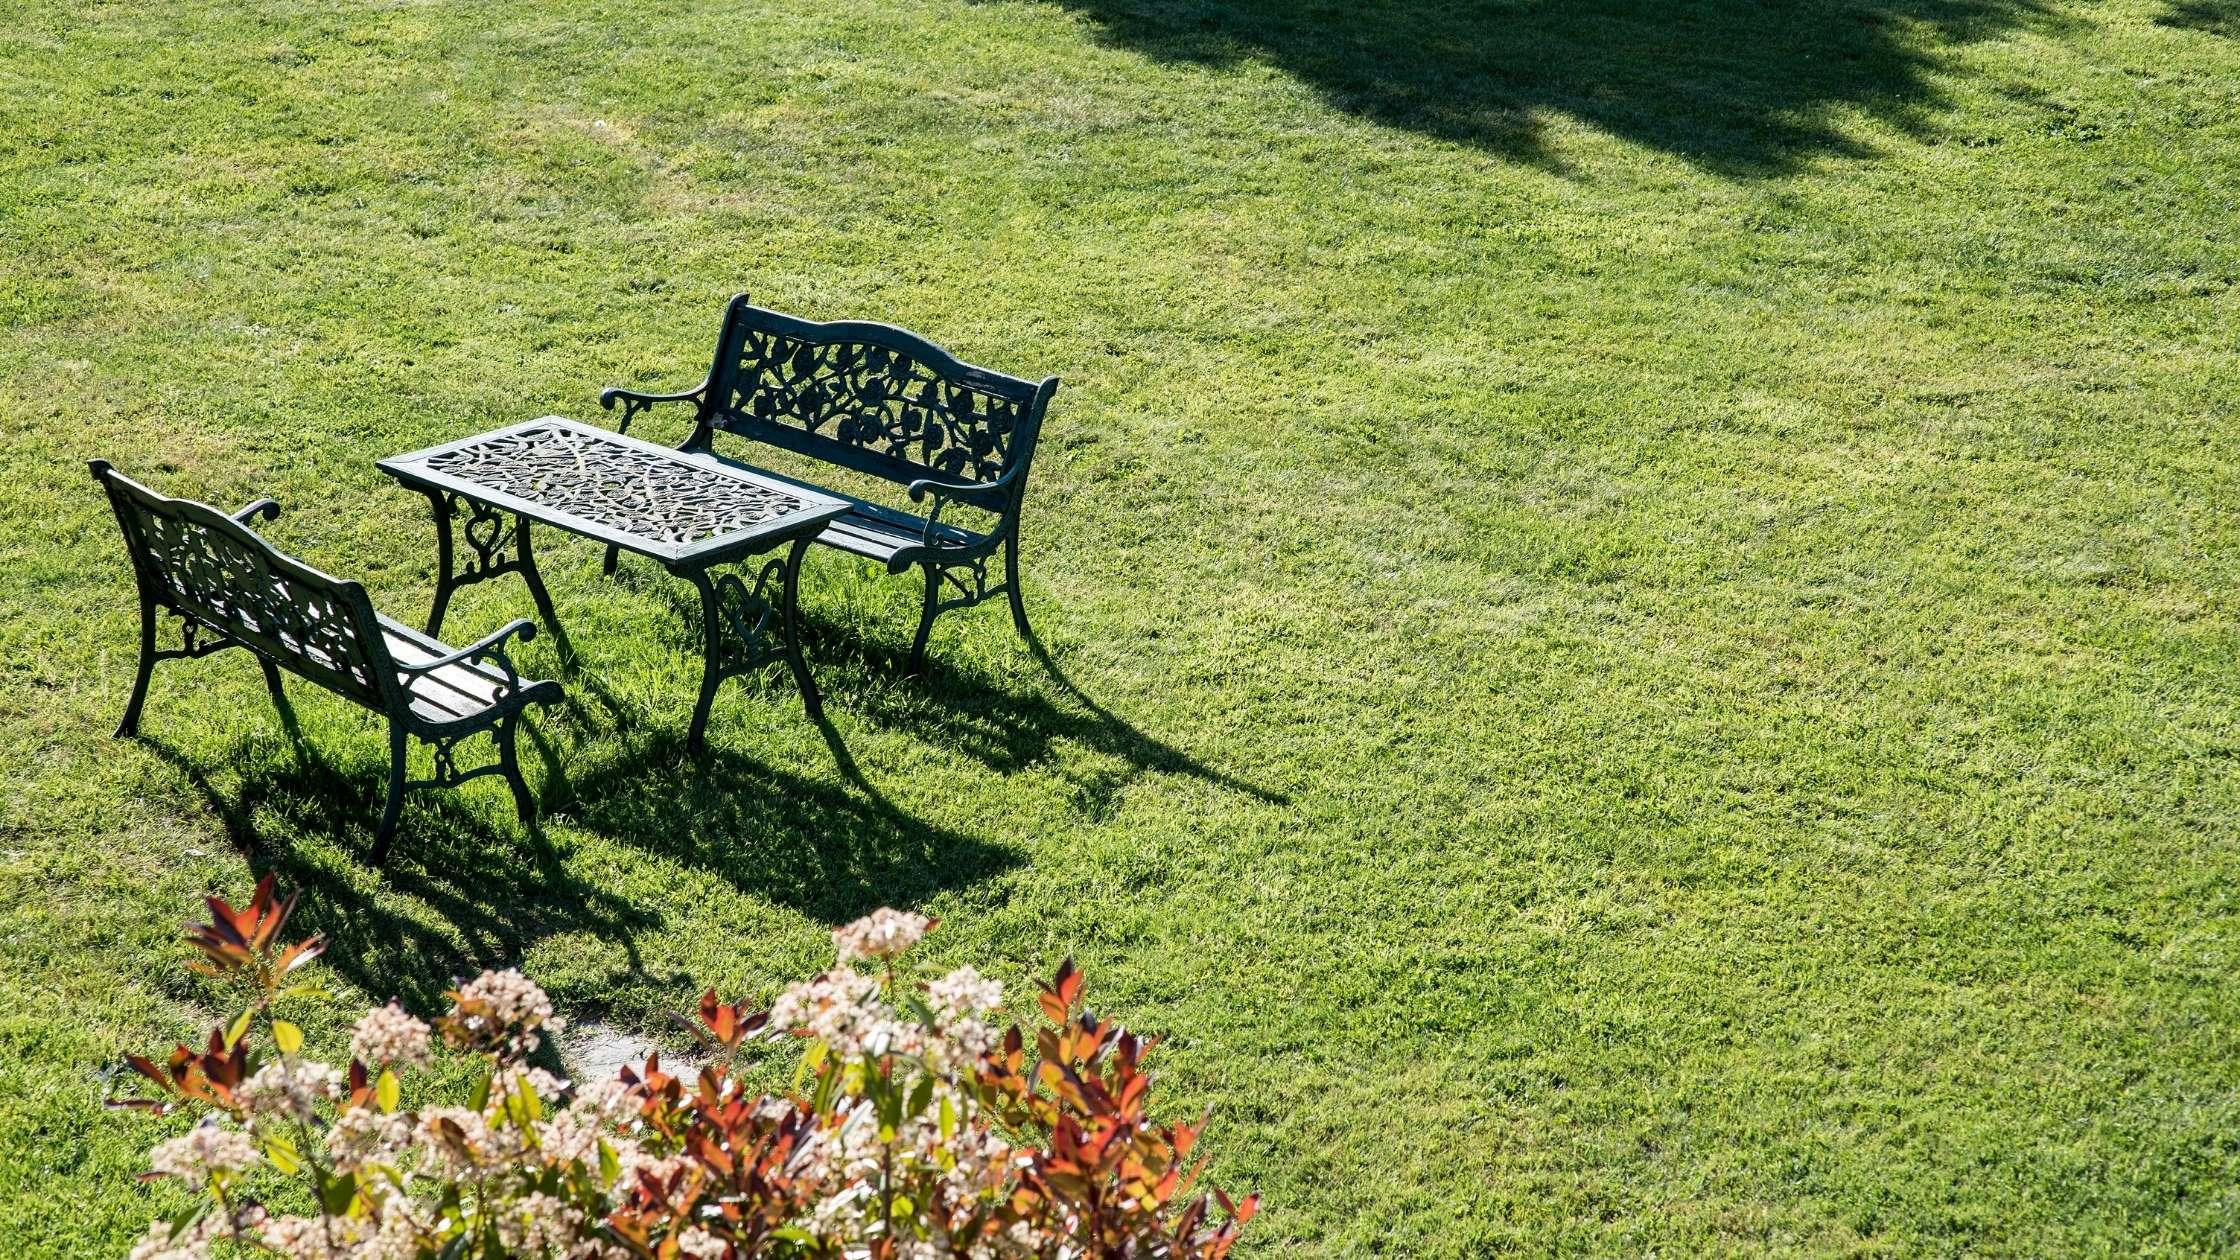 metalen tuinmeubelen schoonmaken